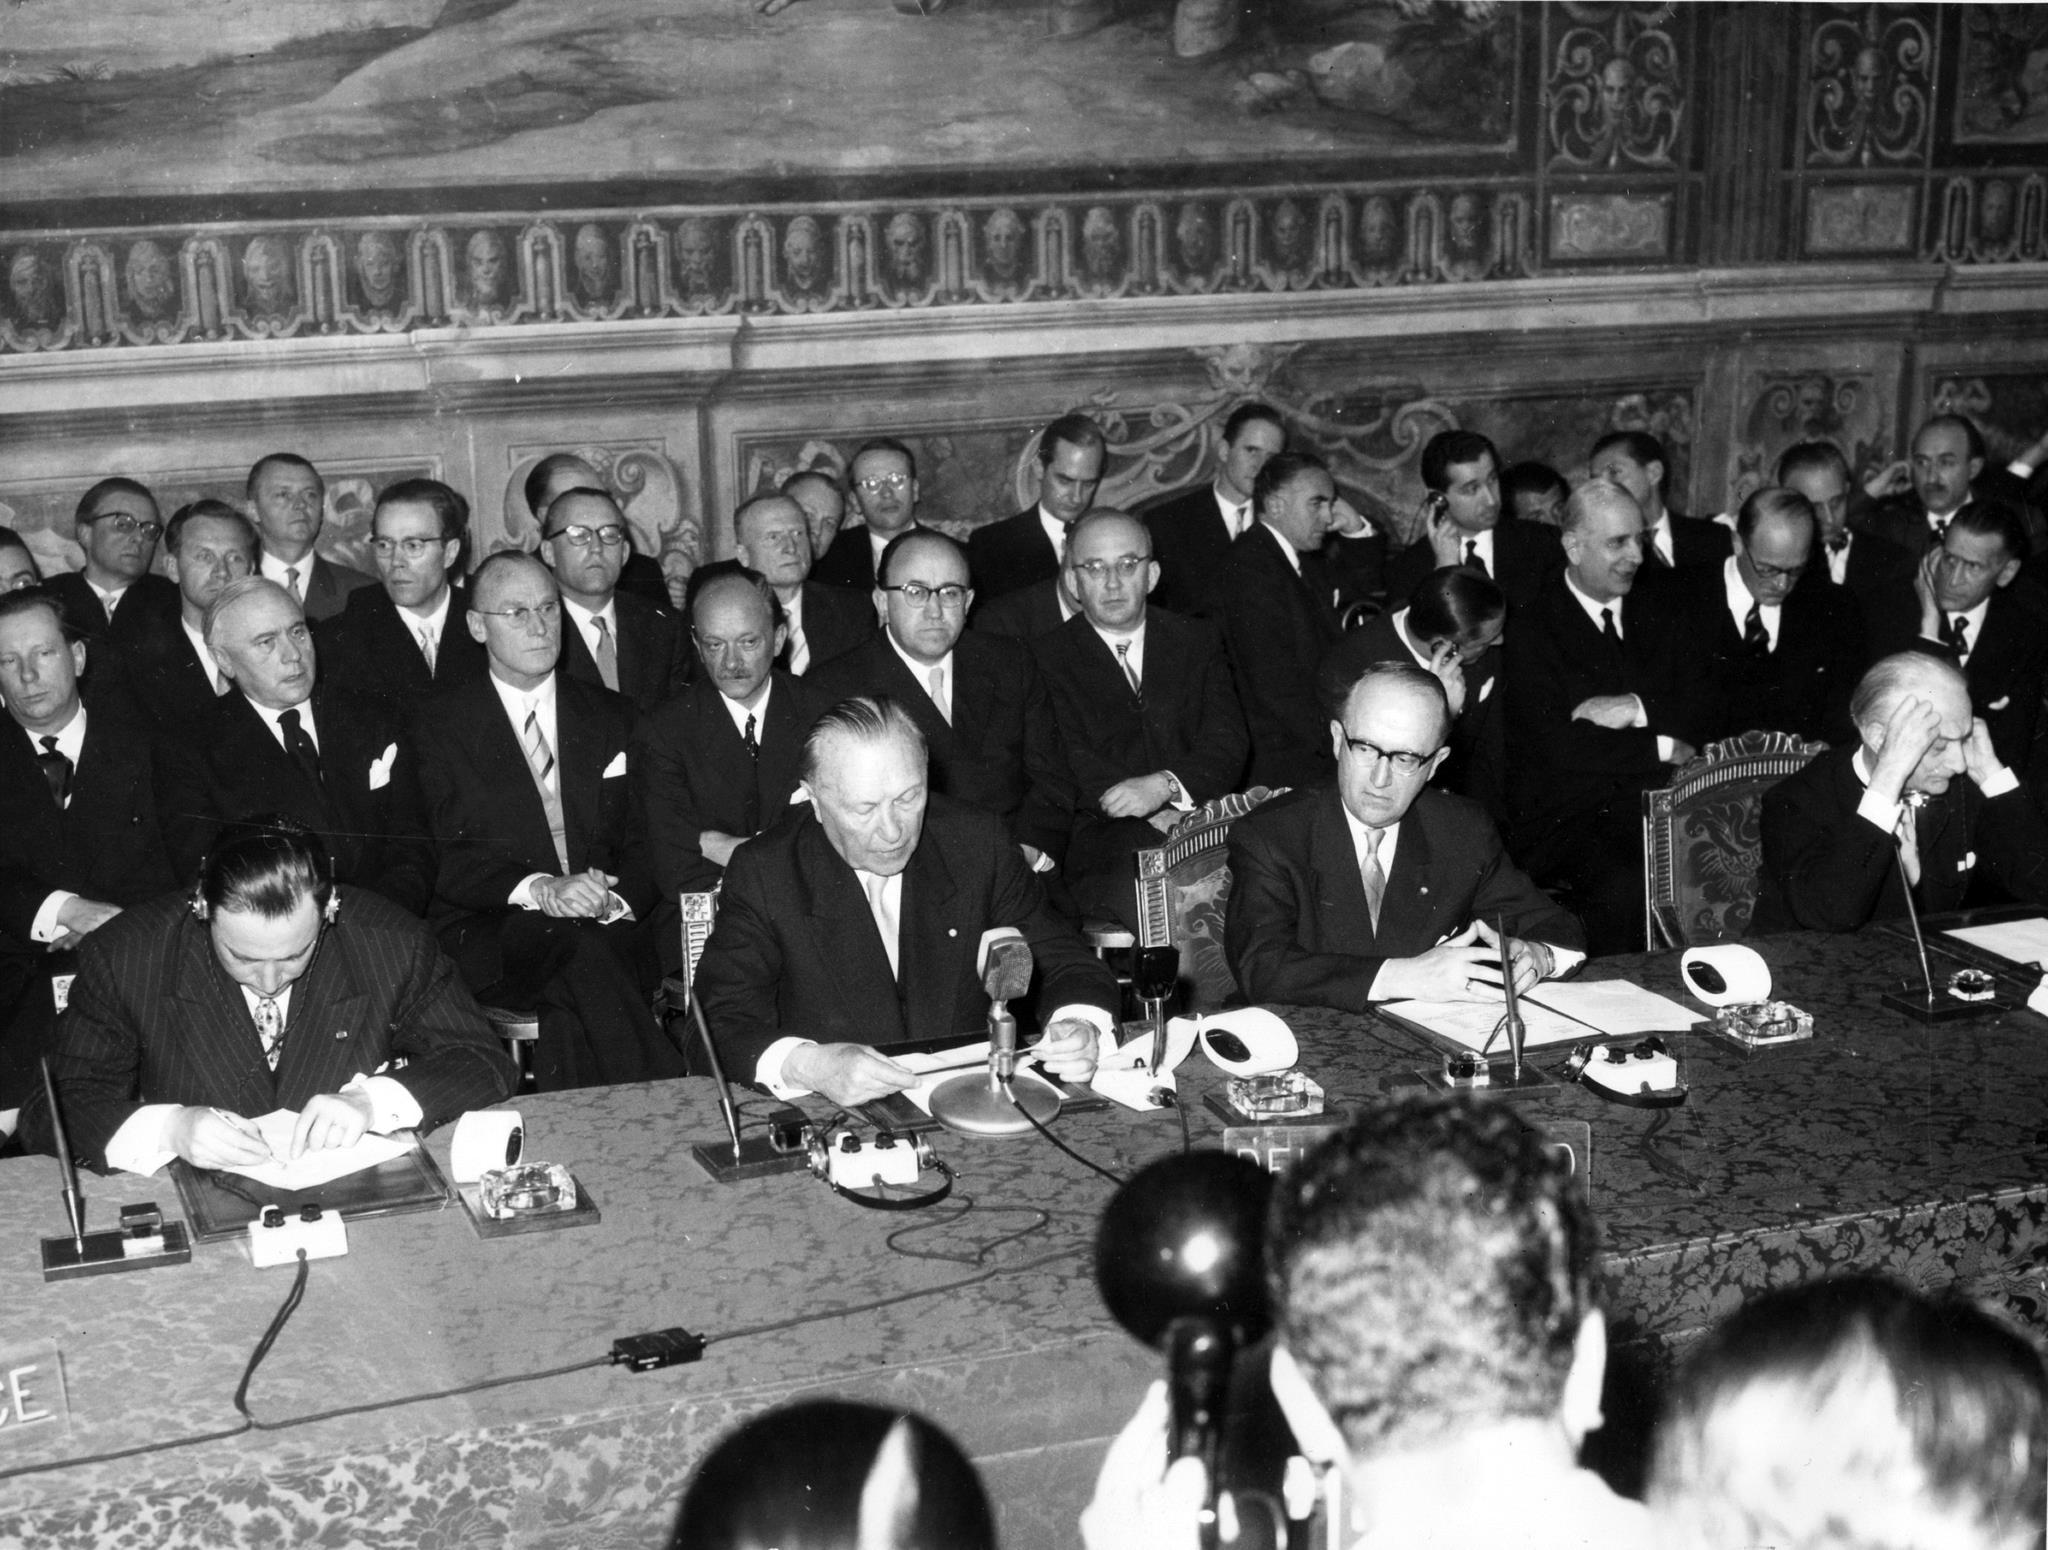 Políticos europeus reunidos no edifício da Câmara Municipal de Roma durante a cerimónia de assinatura dos tratados, a 25 de Março de 1957